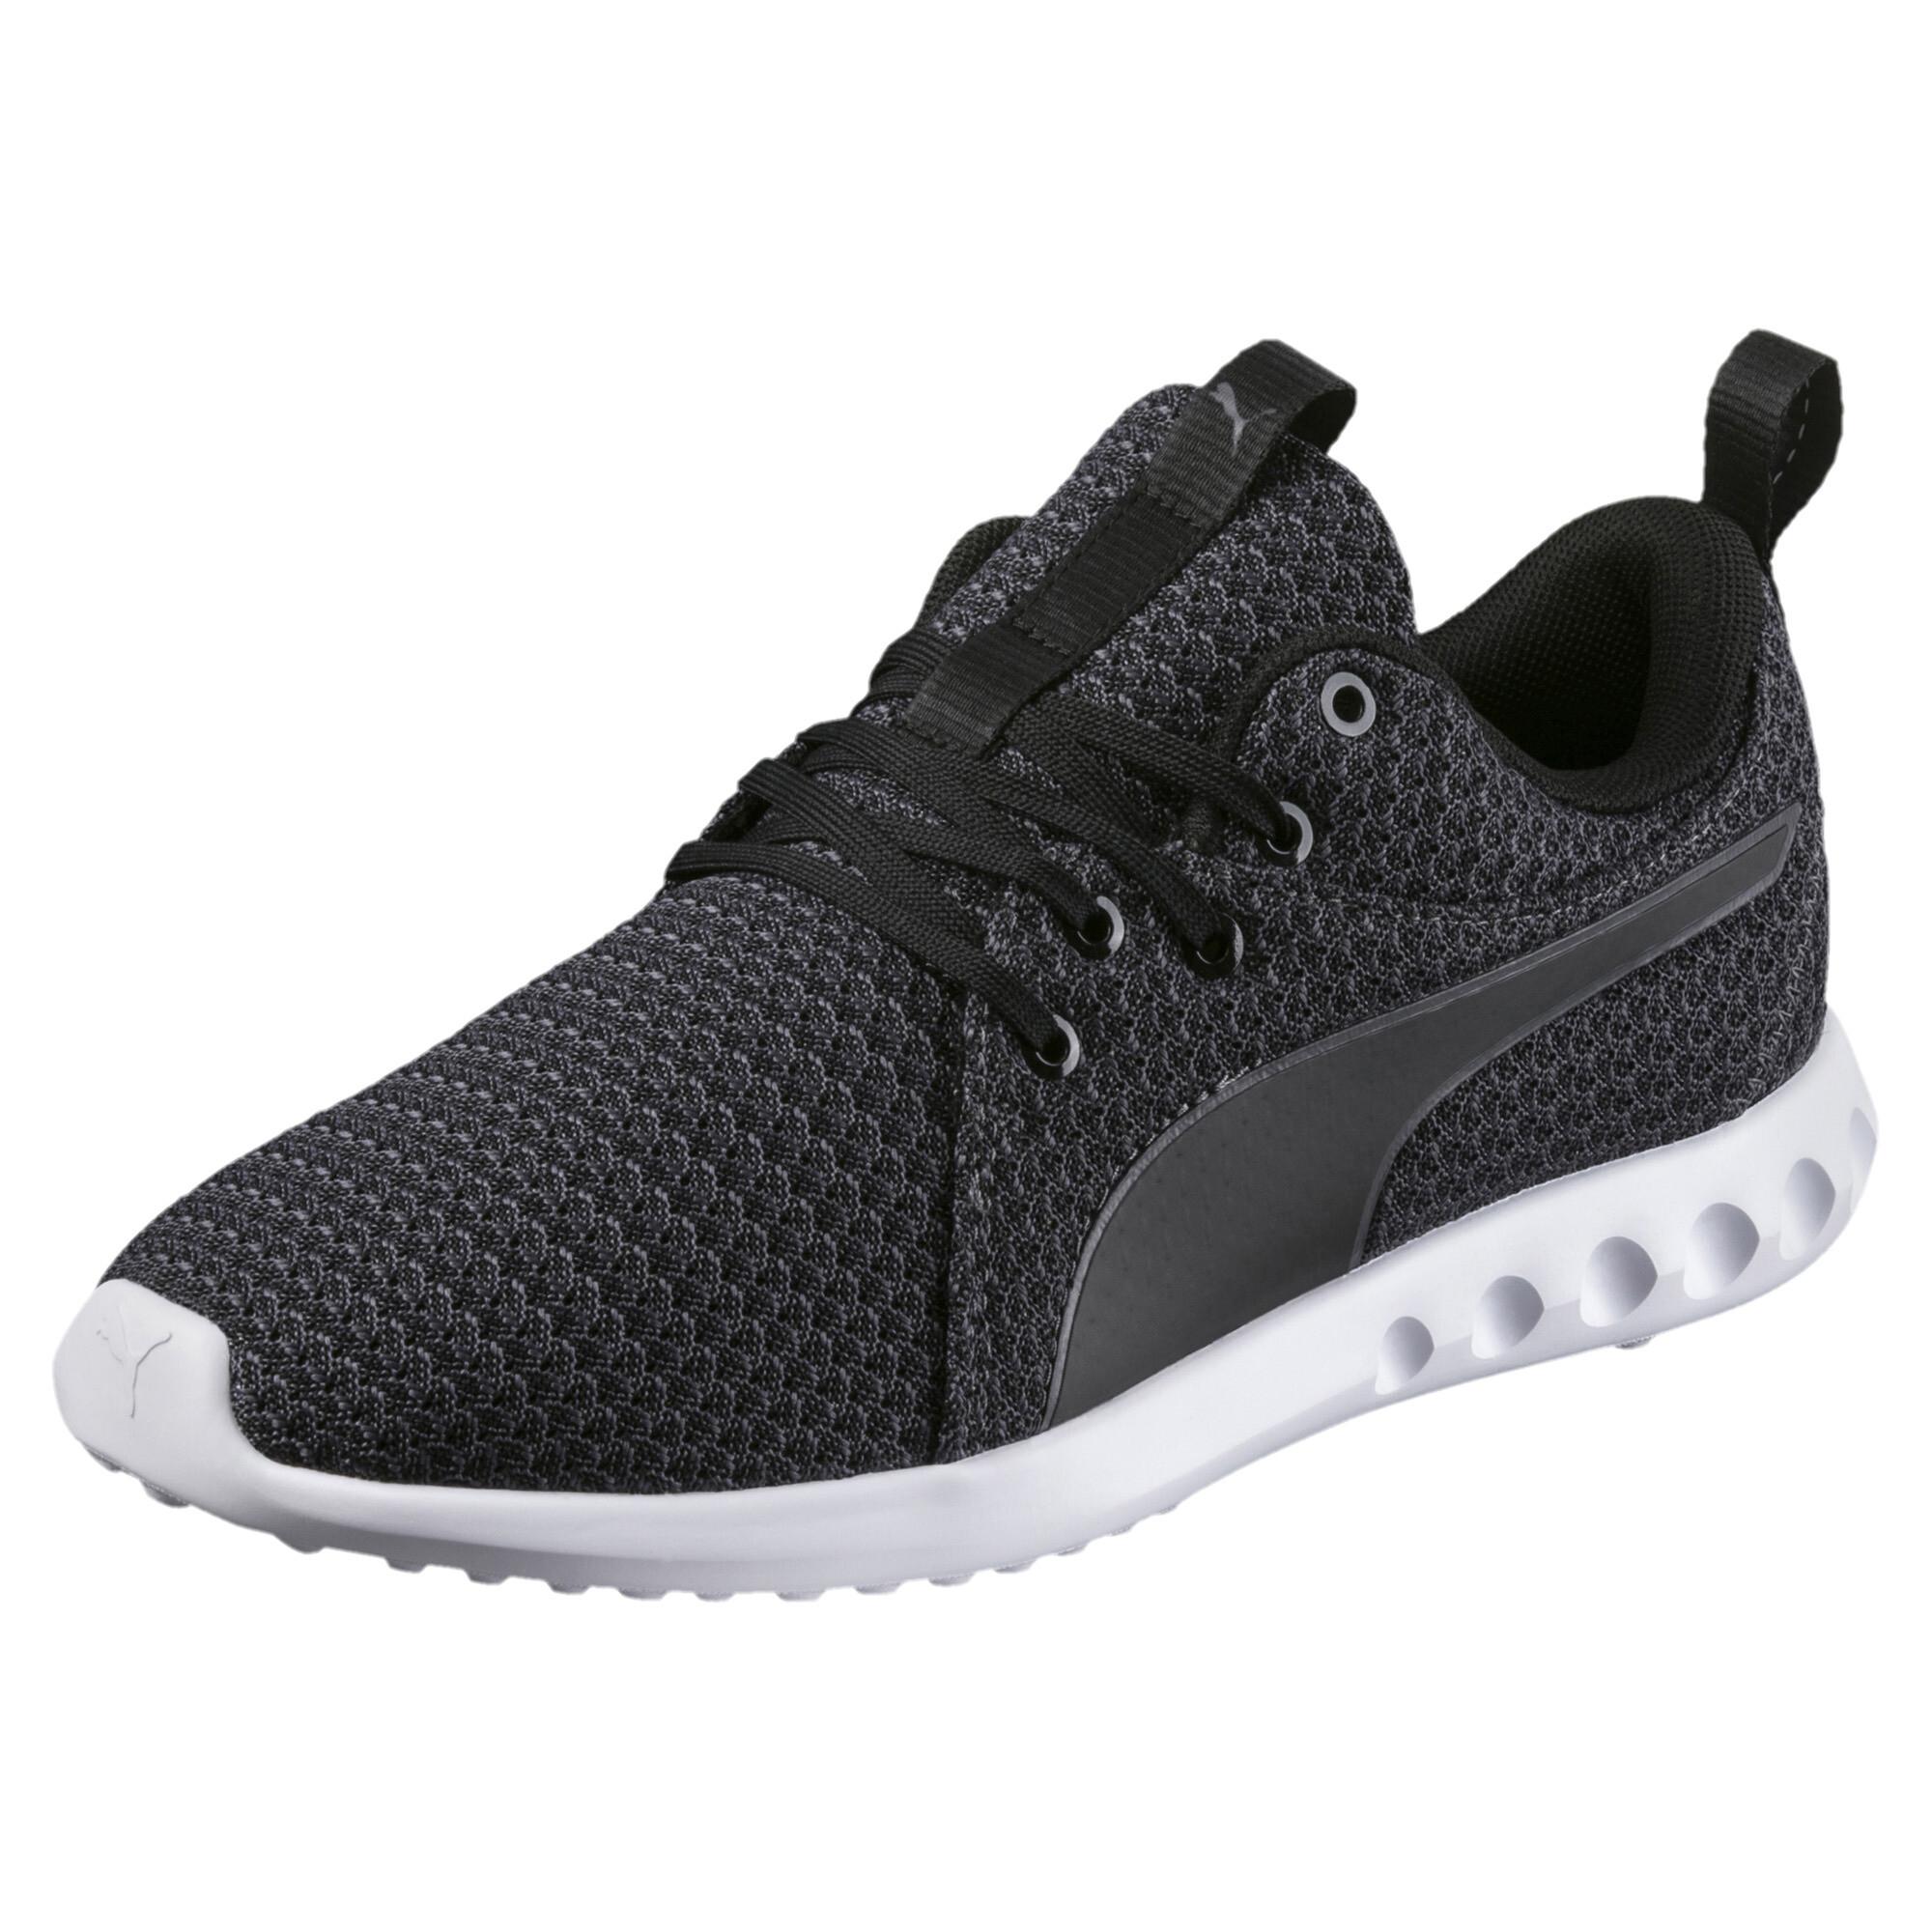 PUMA-Carson-2-Knit-Women-039-s-Running-Shoes-Women-Shoe-Running thumbnail 9